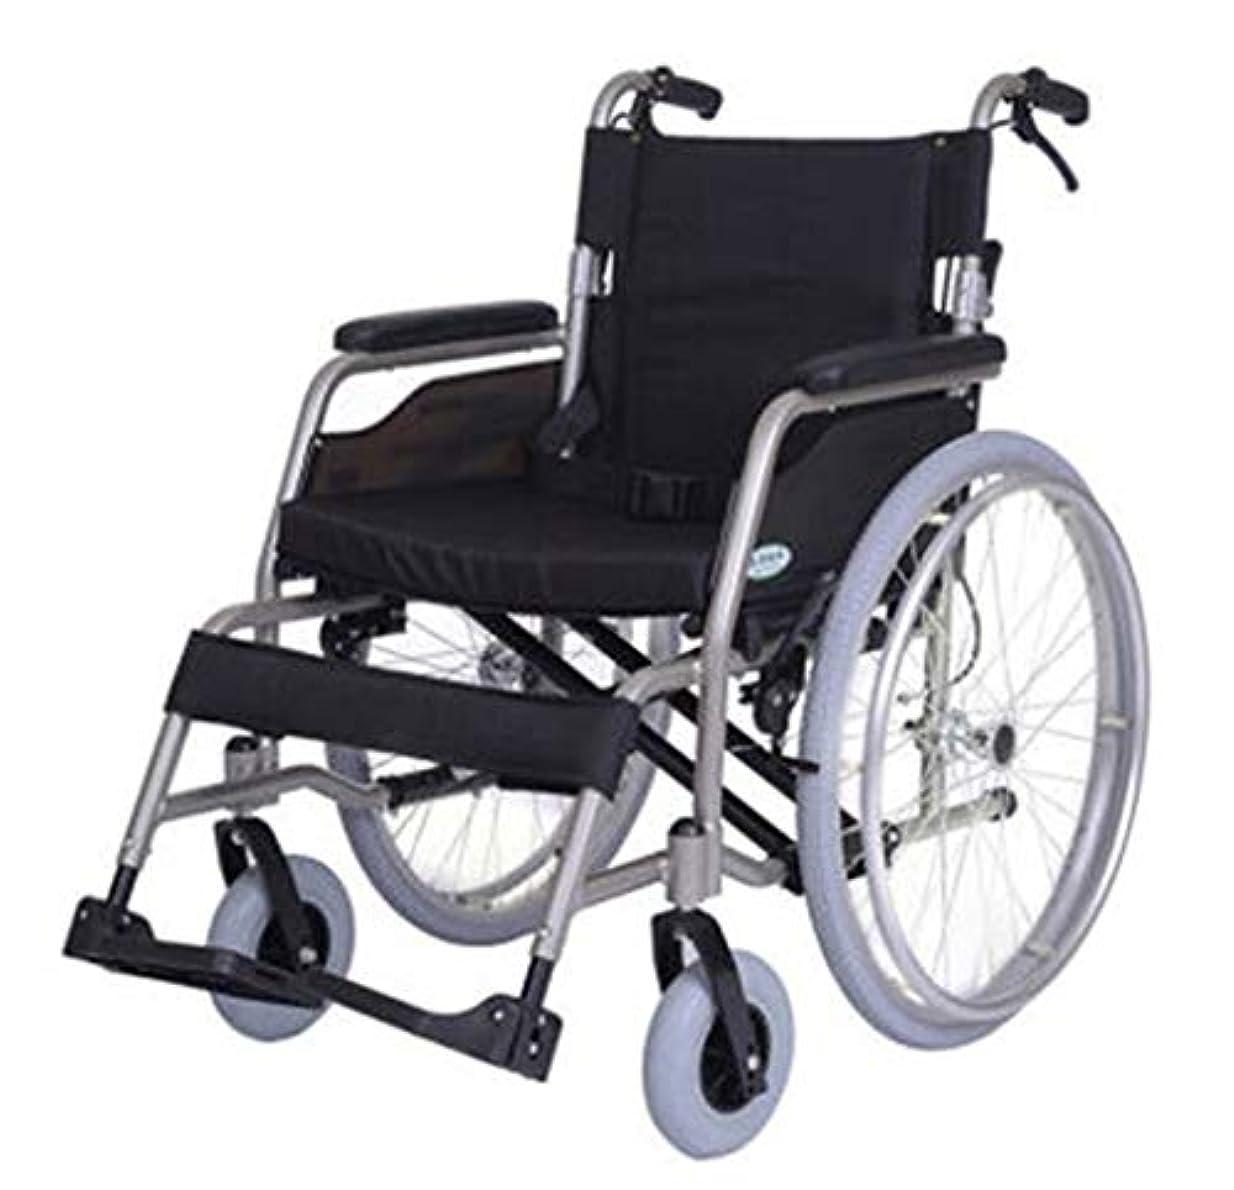 少年父方の鯨車椅子のシート幅を50センチに広げ、折りたたみ式車椅子、高齢者が旅行するのに適している